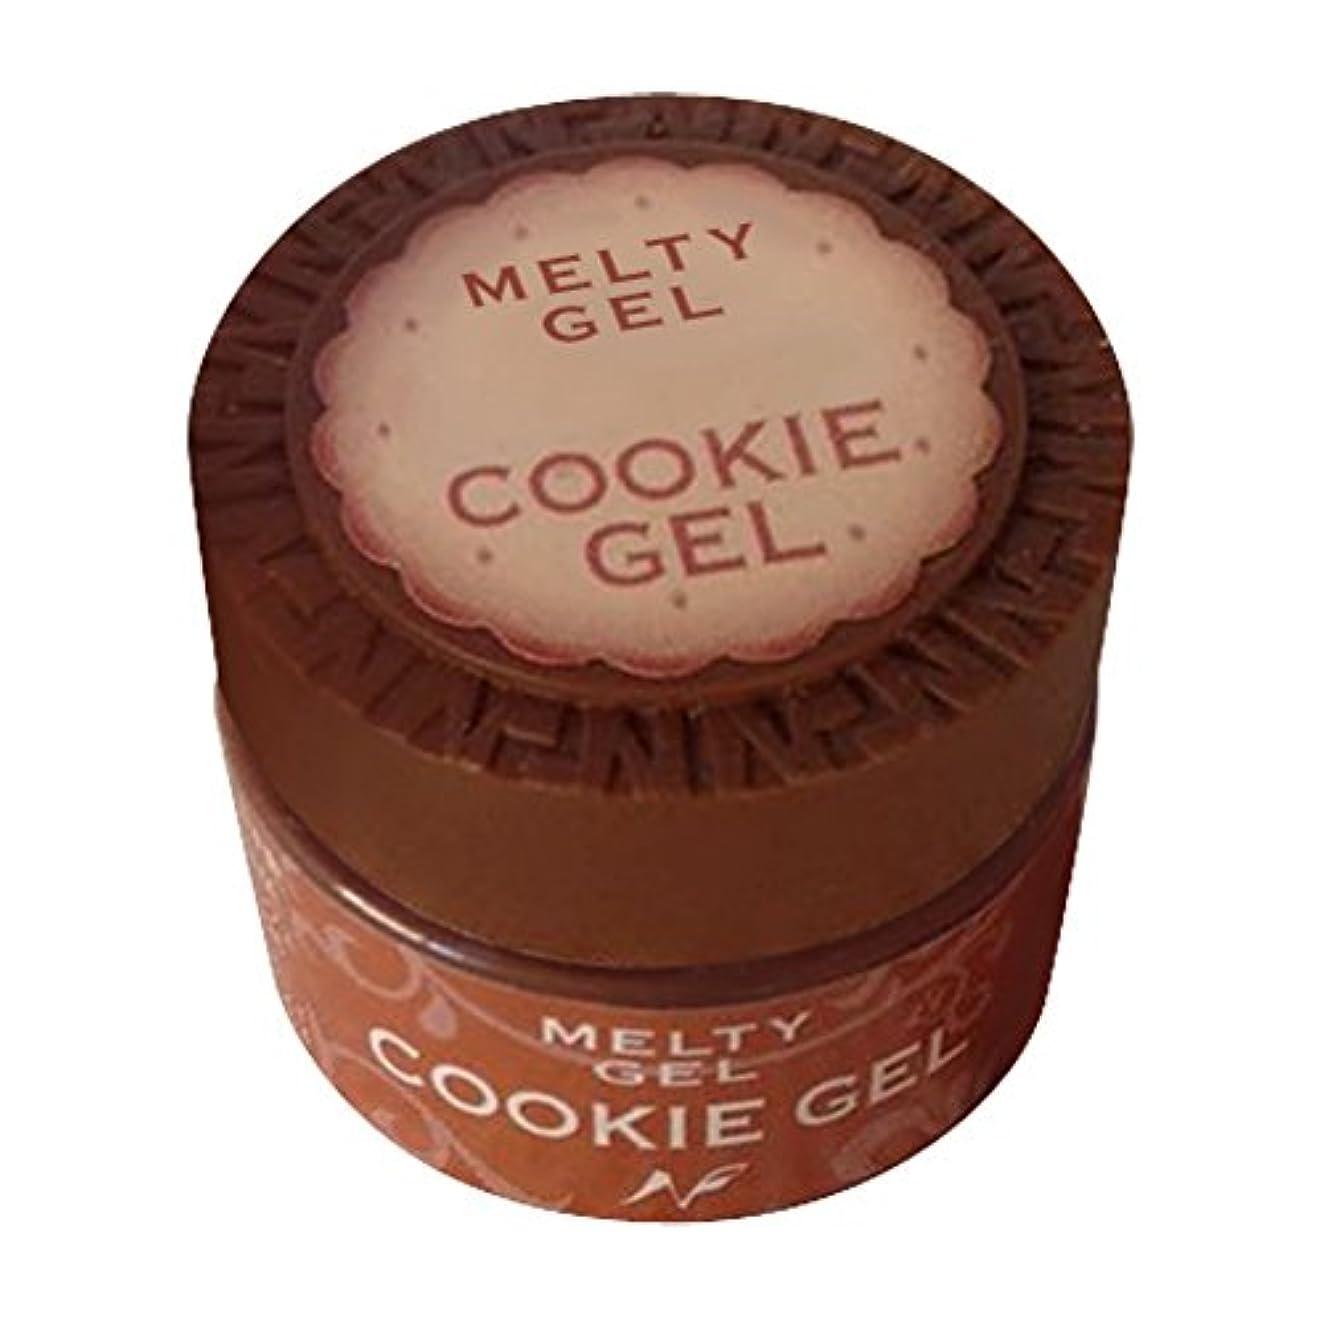 親愛な頭誤解するNatural Field Melty Gel クッキージェル 3902ブルー 5g